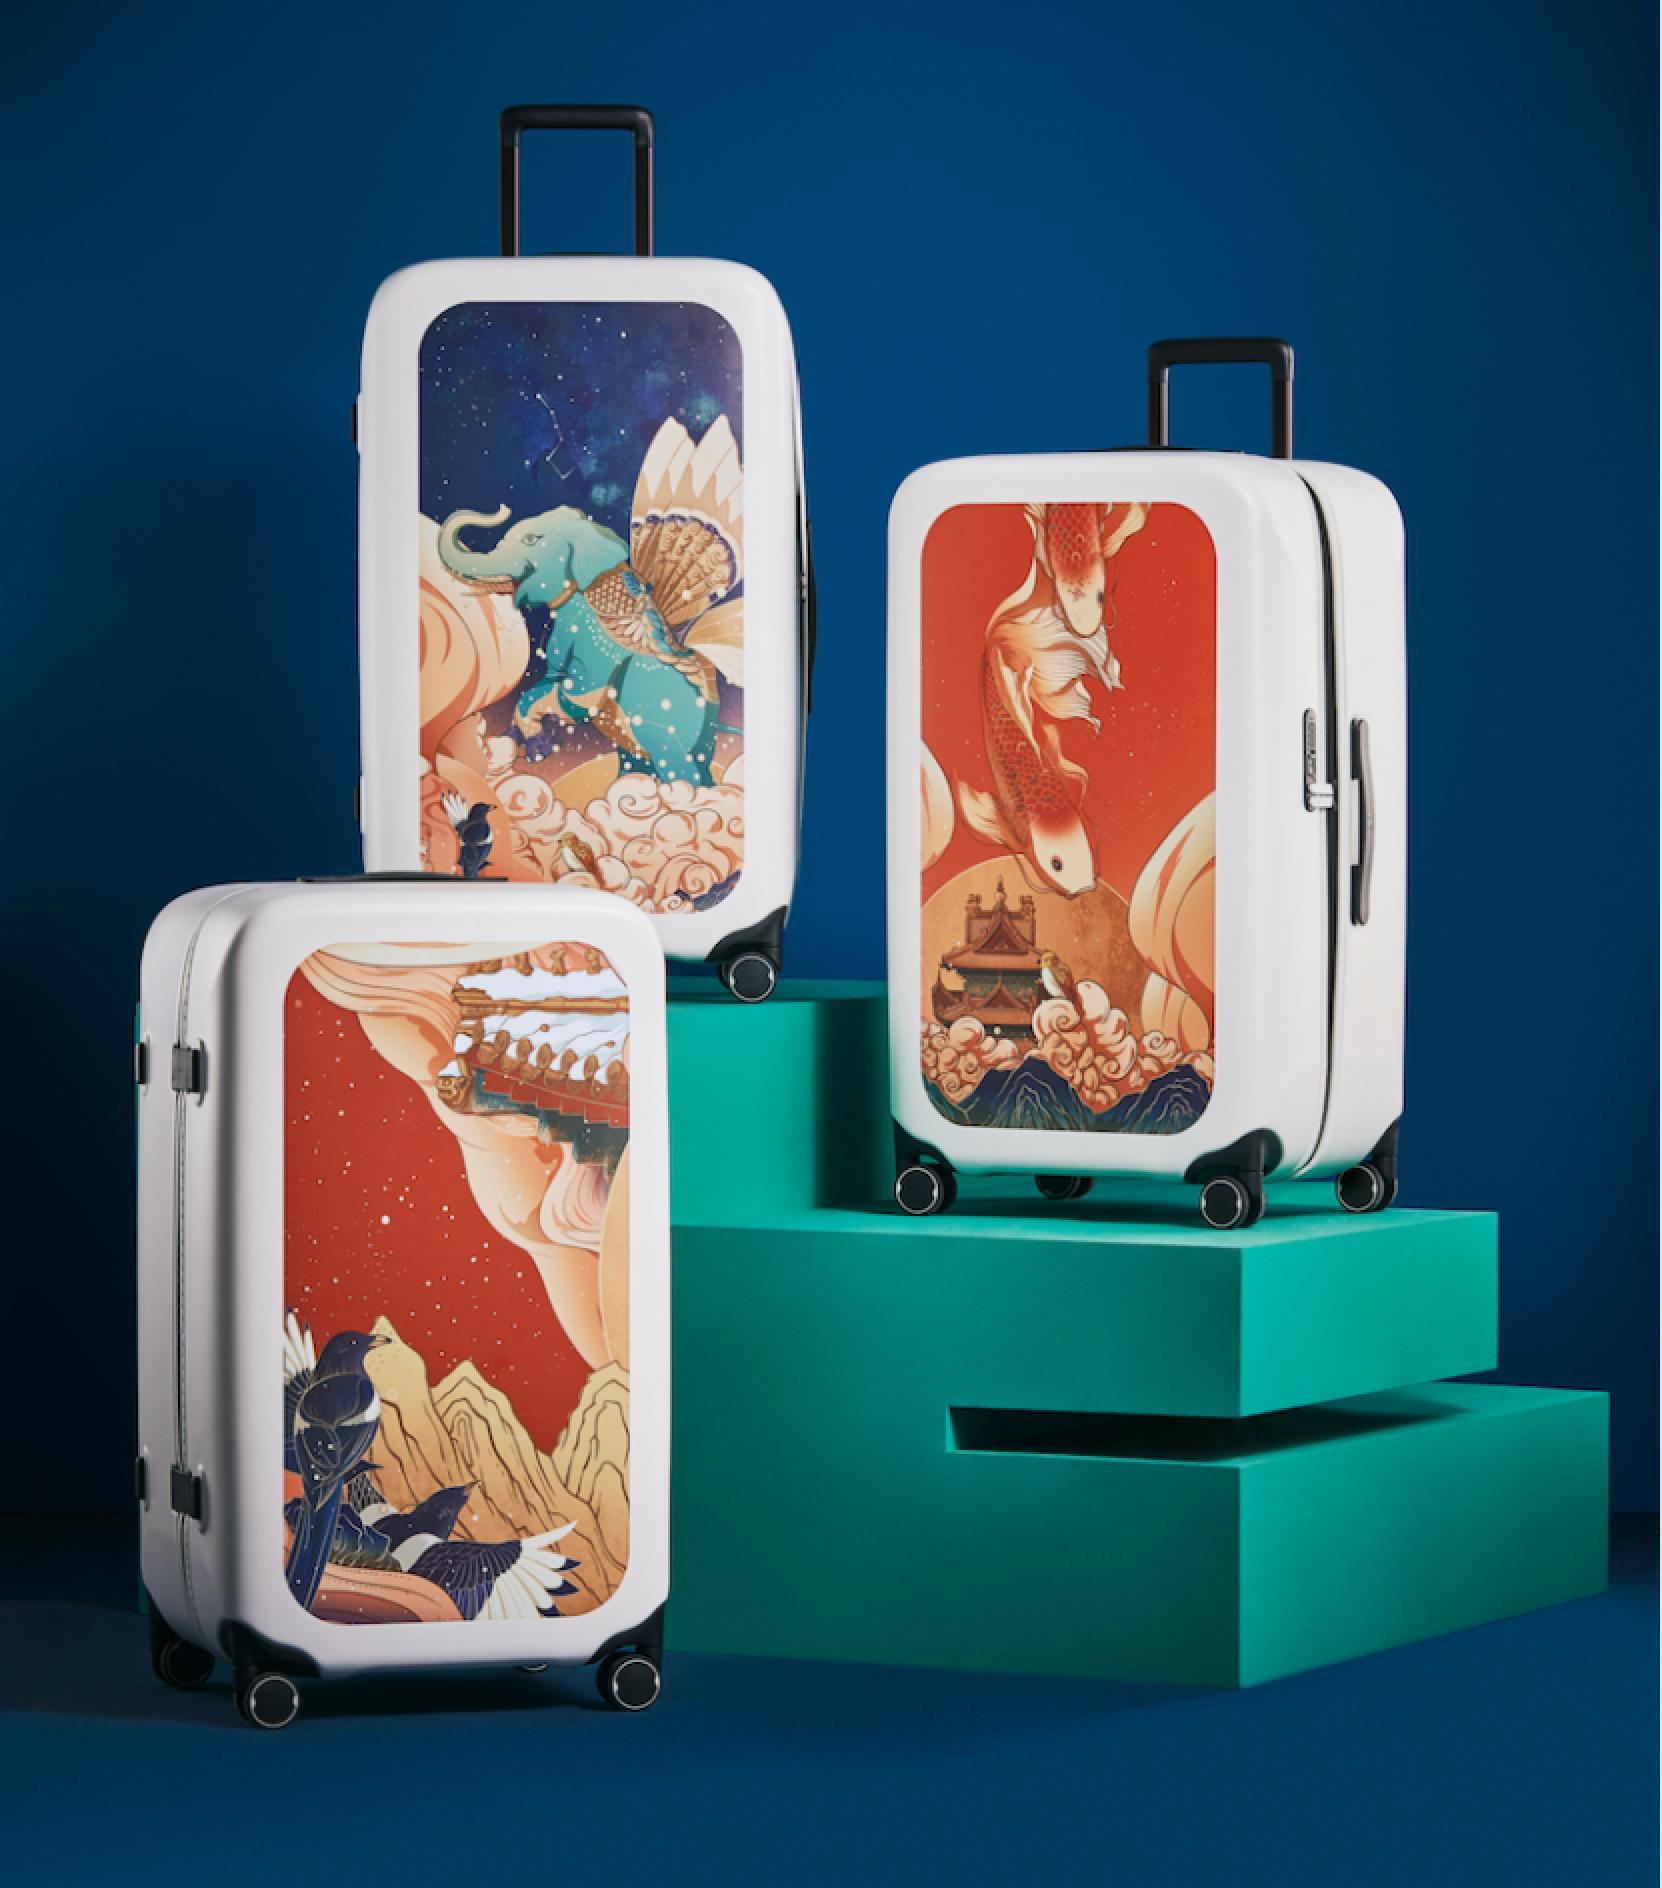 小米有品开卖《上新了故宫》款旅行箱众筹价格399元起